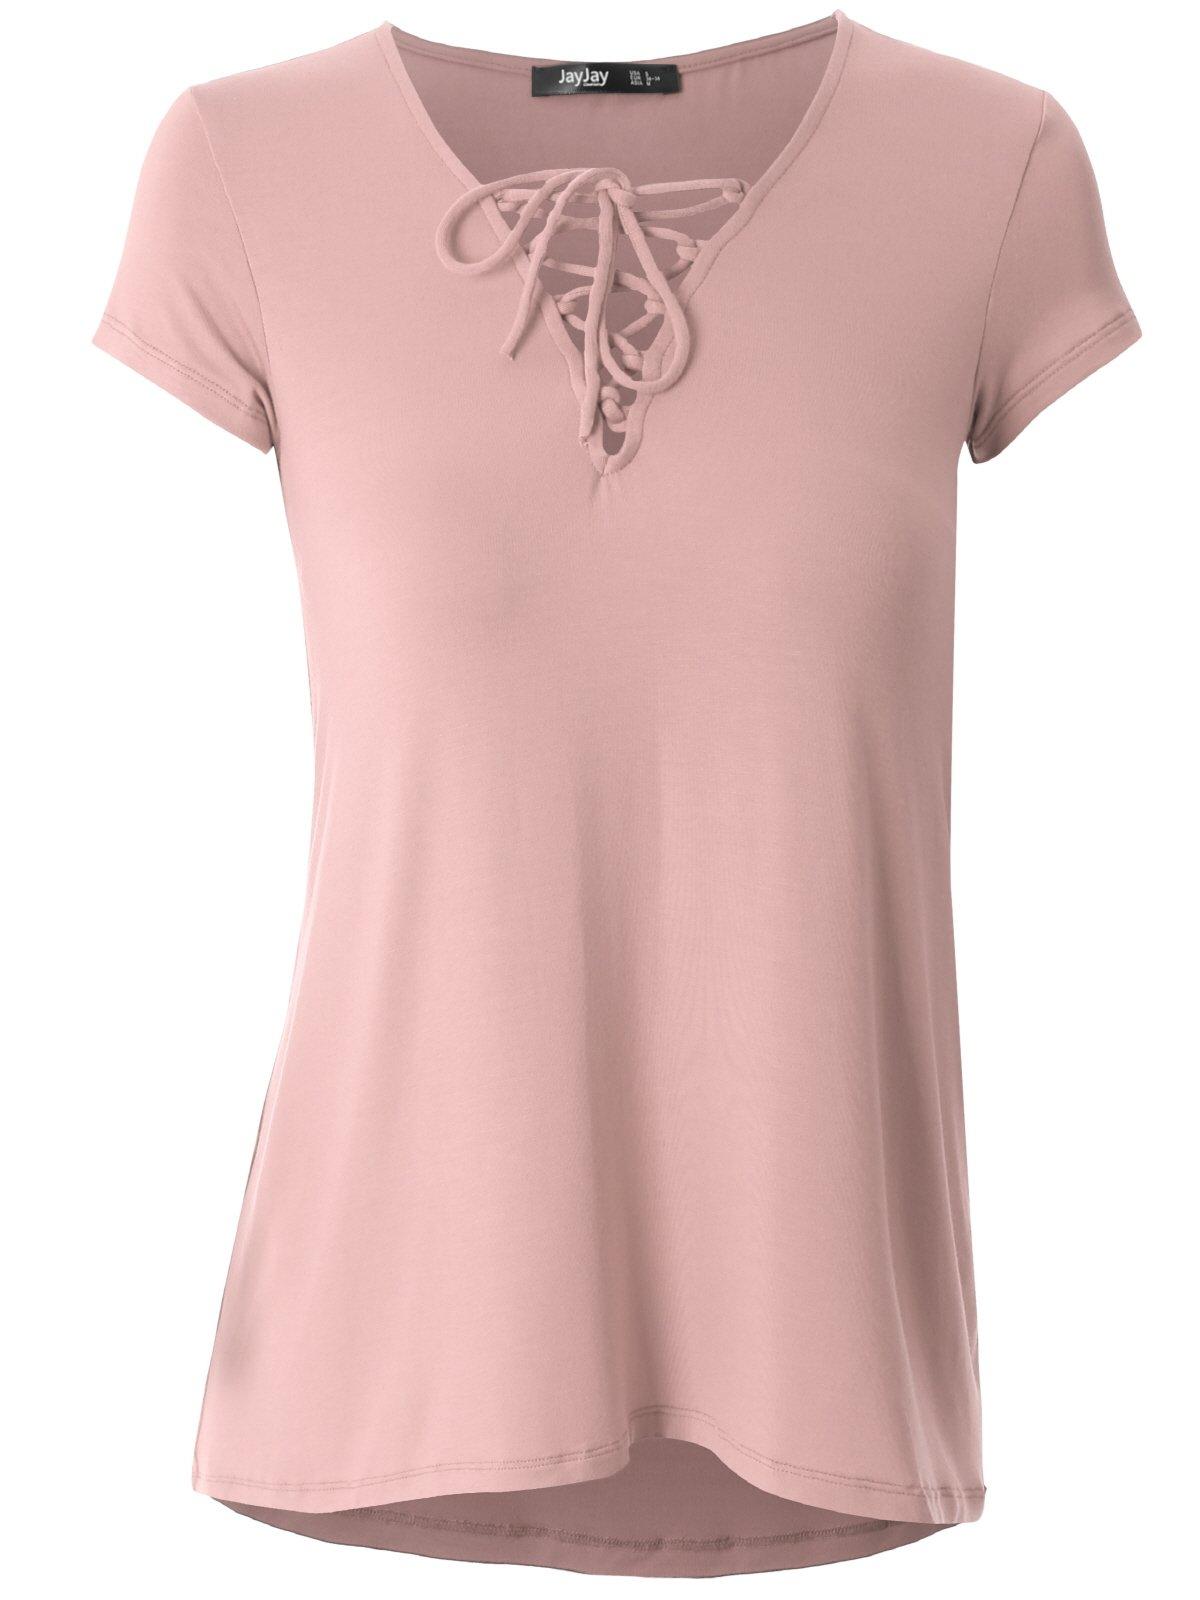 JayJay Women Cute Crisscross Neck Short Sleeve Casual Shirt Top,INDIPINK,3XL